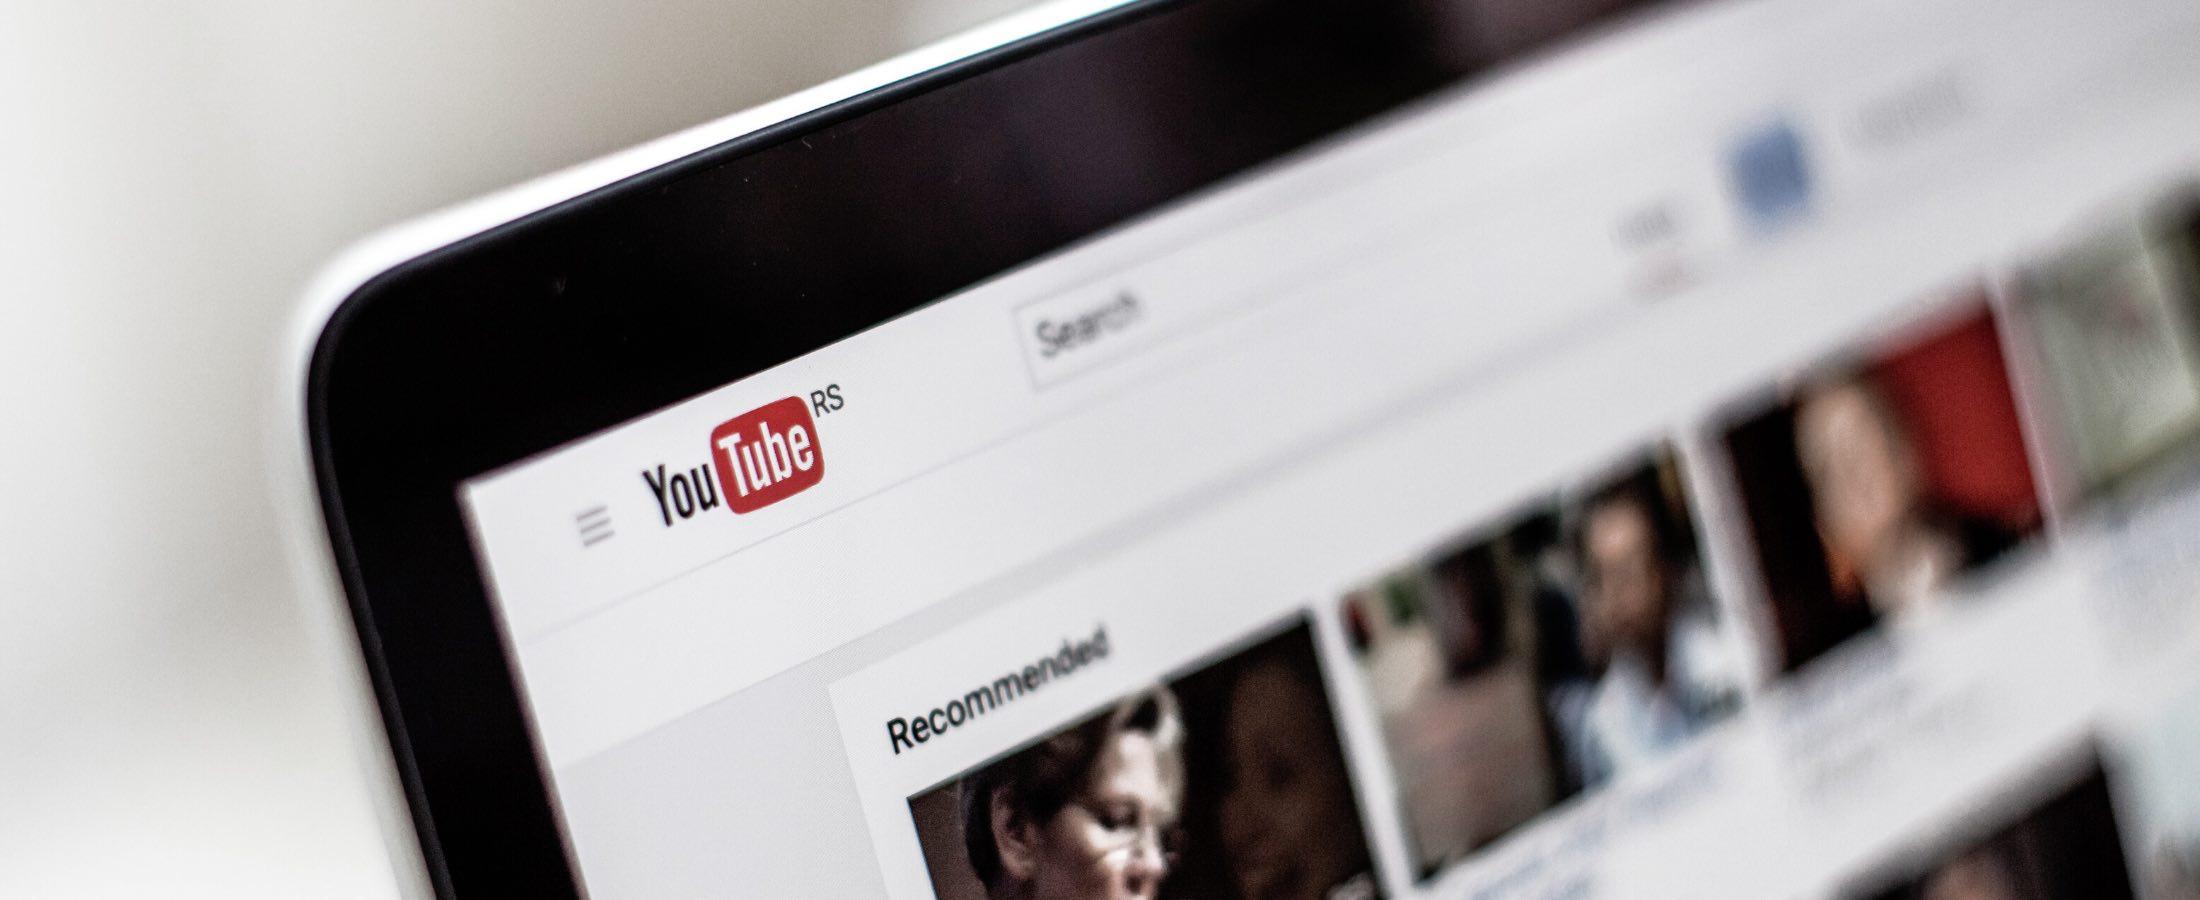 YouTube Ads : 7 bonnes raisons de l'intégrer à votre stratégie digitale